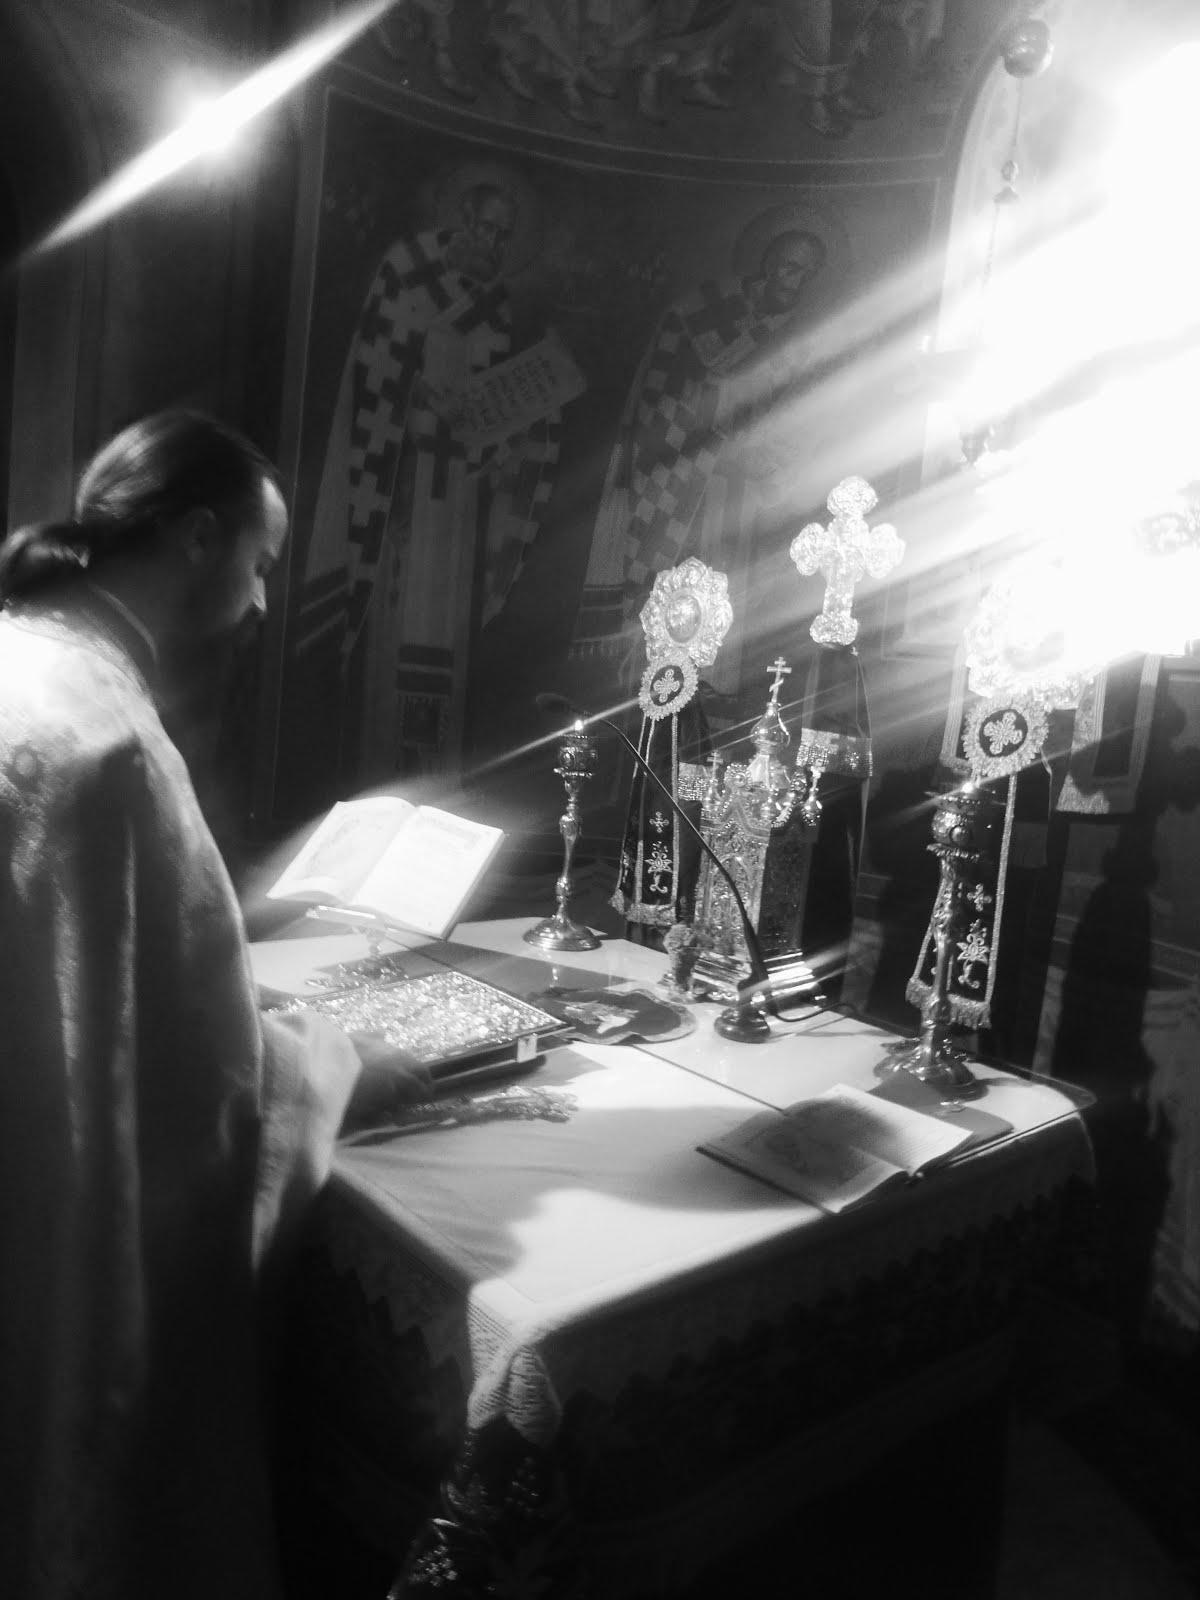 Πρόγραμμα Ακολουθιών και Δραστηριοτήτων Ιεράς Μονής Παναγίας Χρυσοπηγής Οκτωβρίου 2016